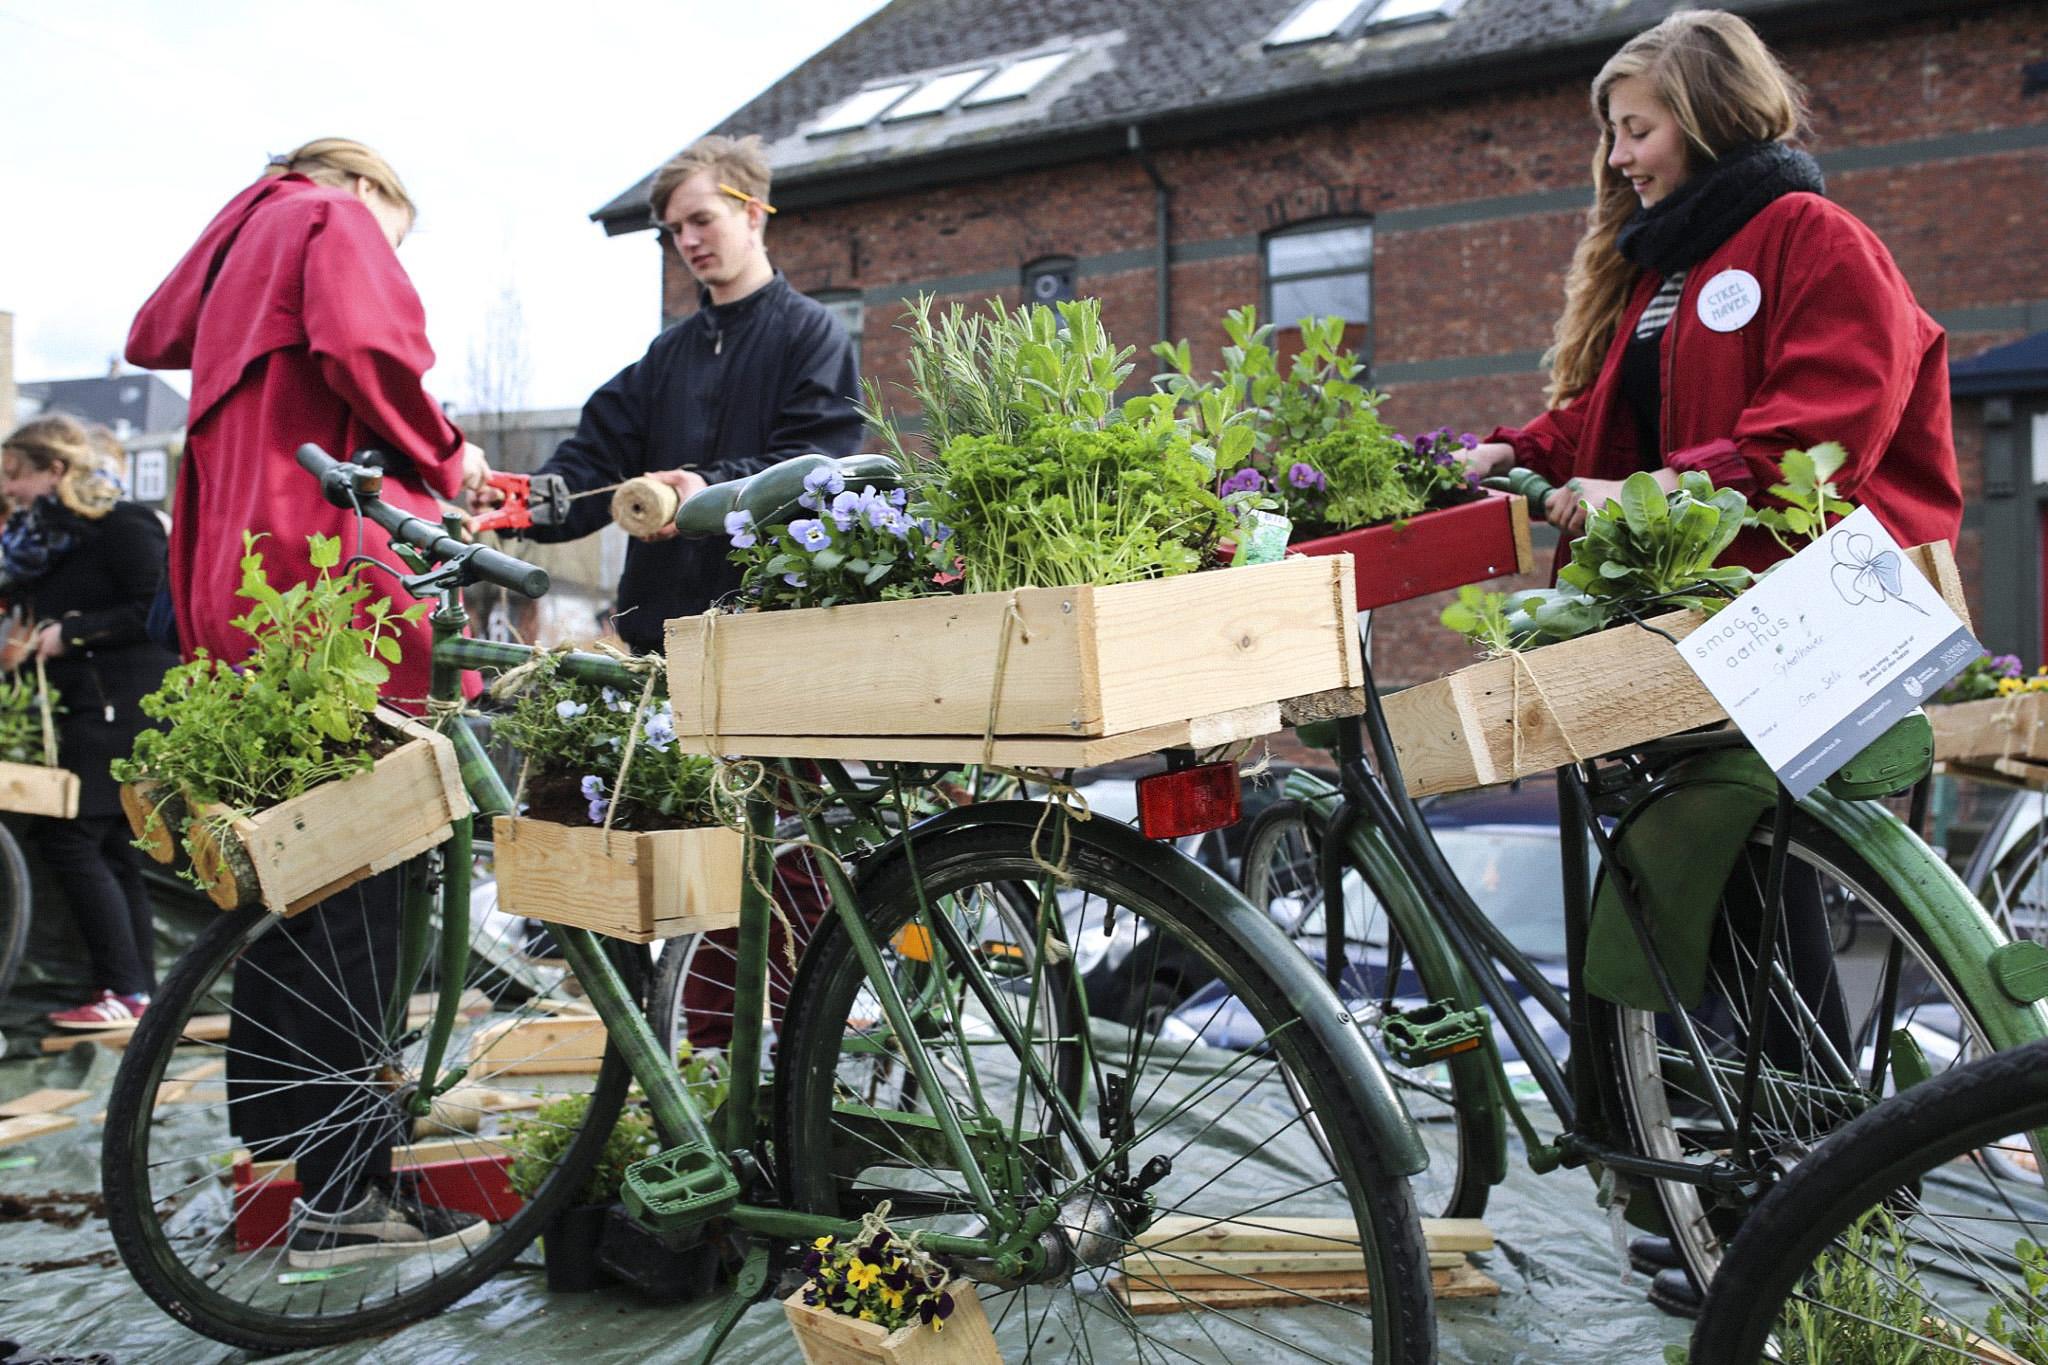 Cykel have